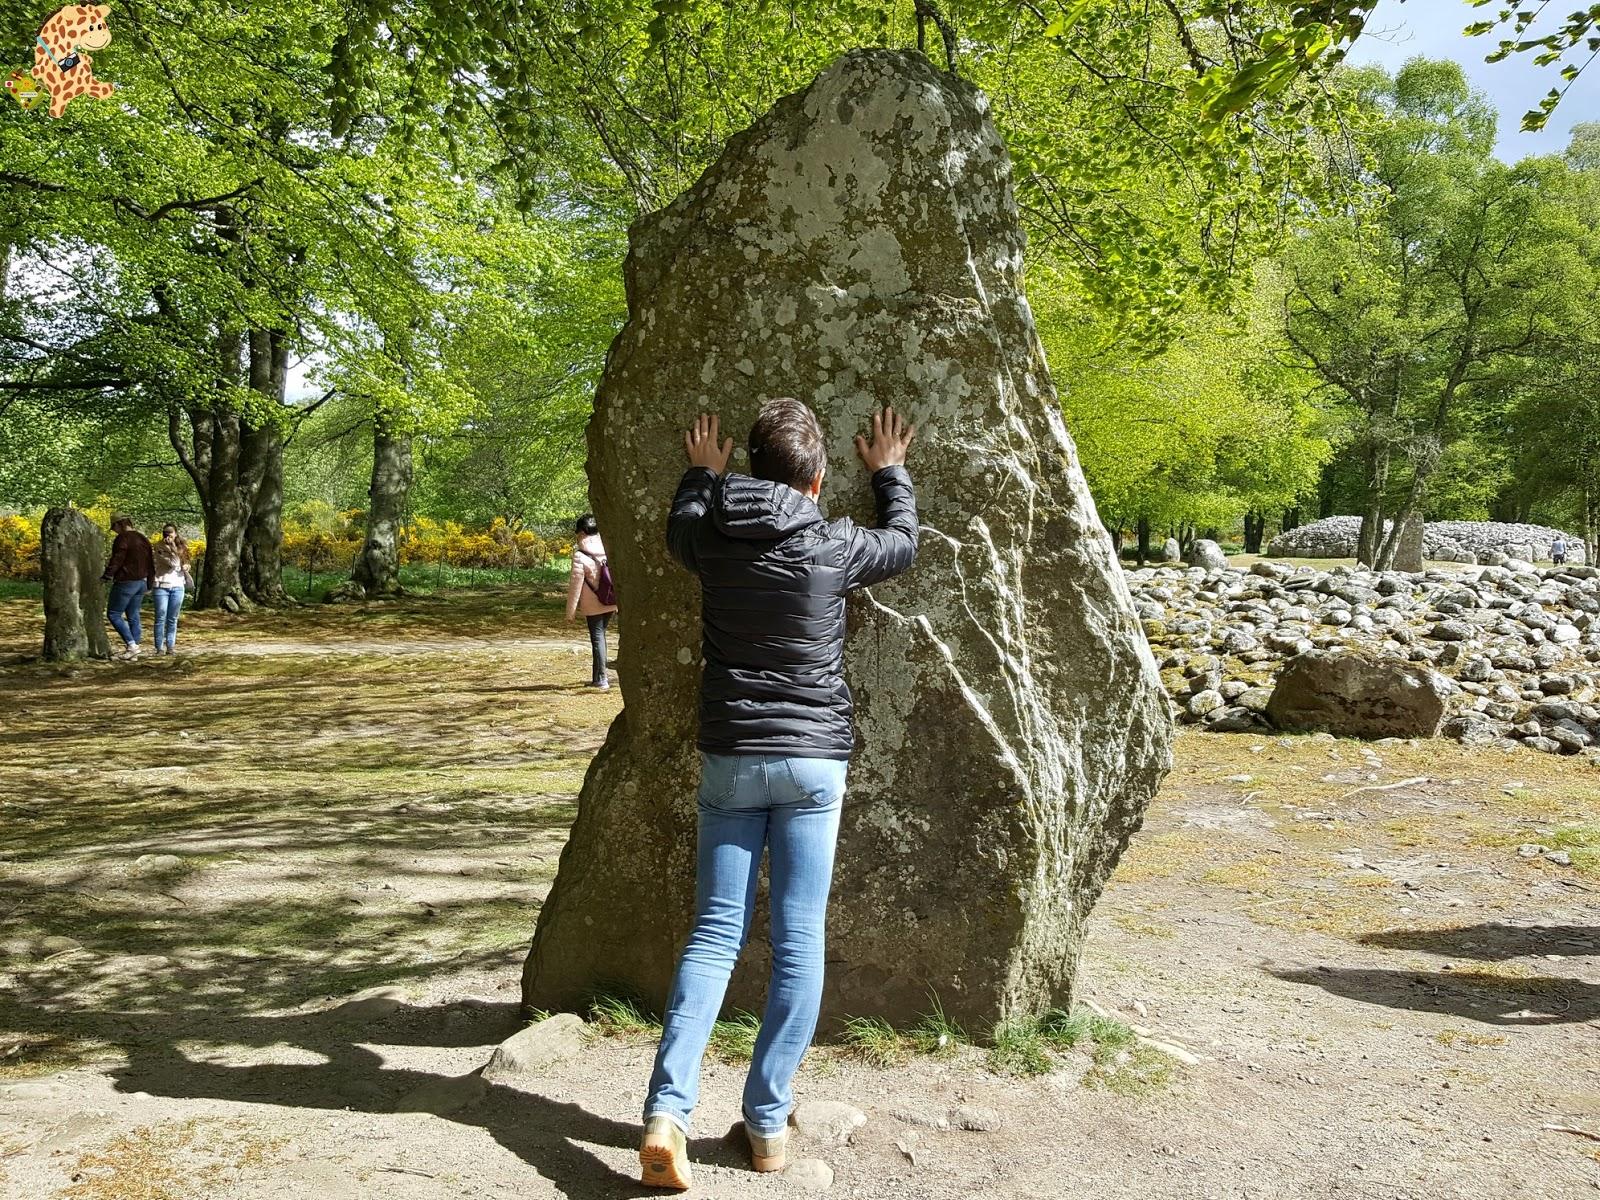 rutaoutlanderEscocia285629 - Nuestra ruta Outlander por Escocia: 12 localizaciones de Outlander